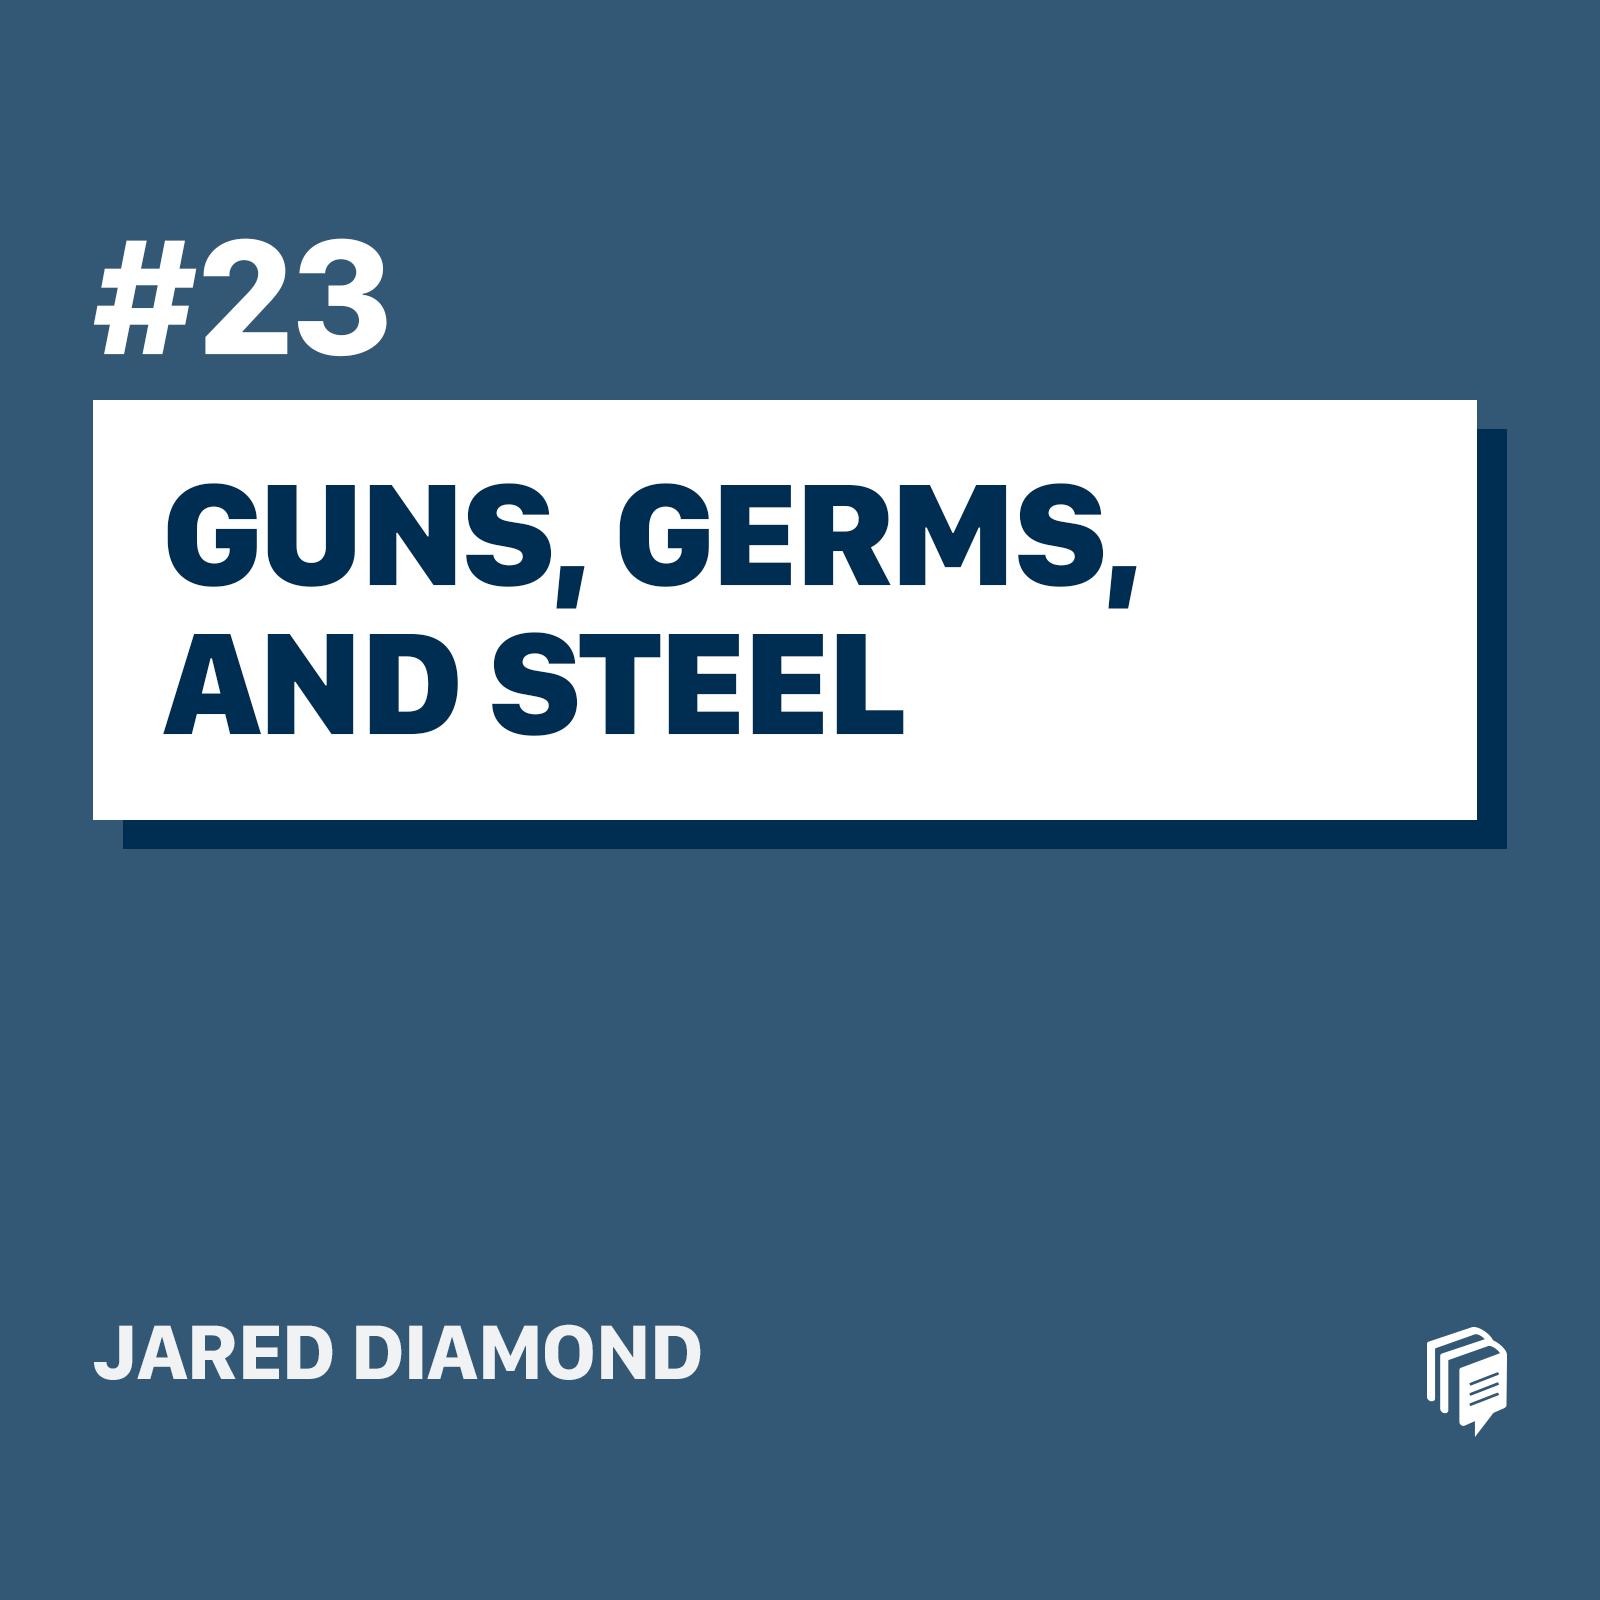 اسلحه، میکروب و فولاد